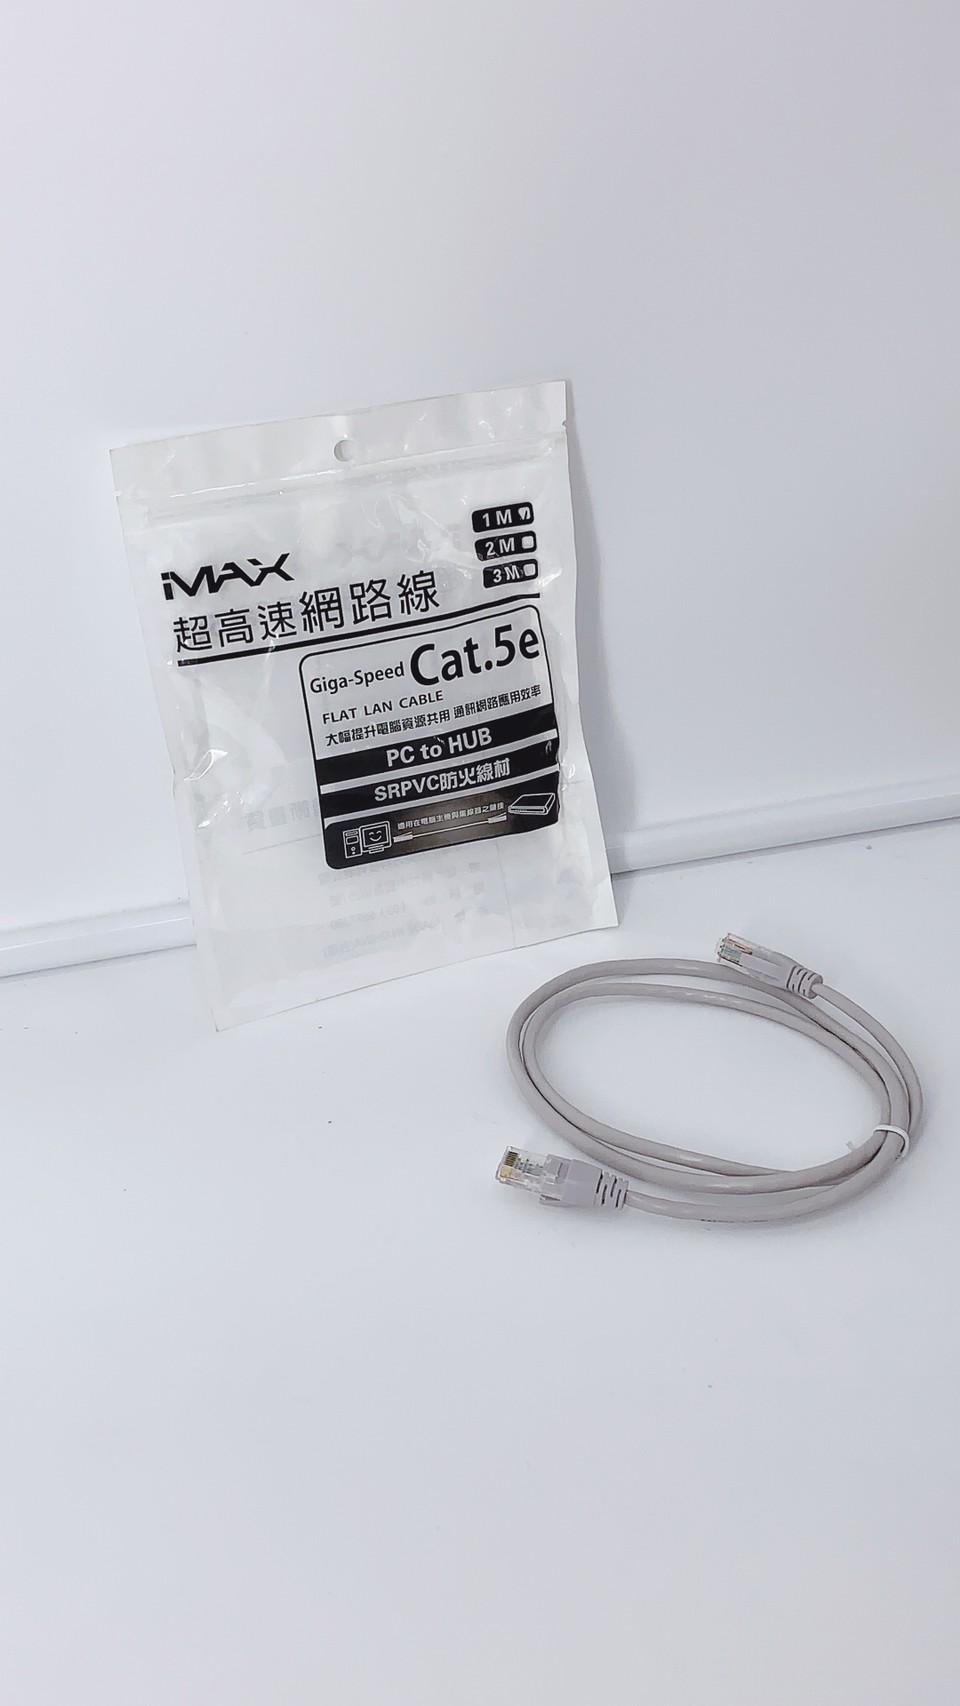 方美方 電腦電話網路線 RJ45 1M Cat.5e 2